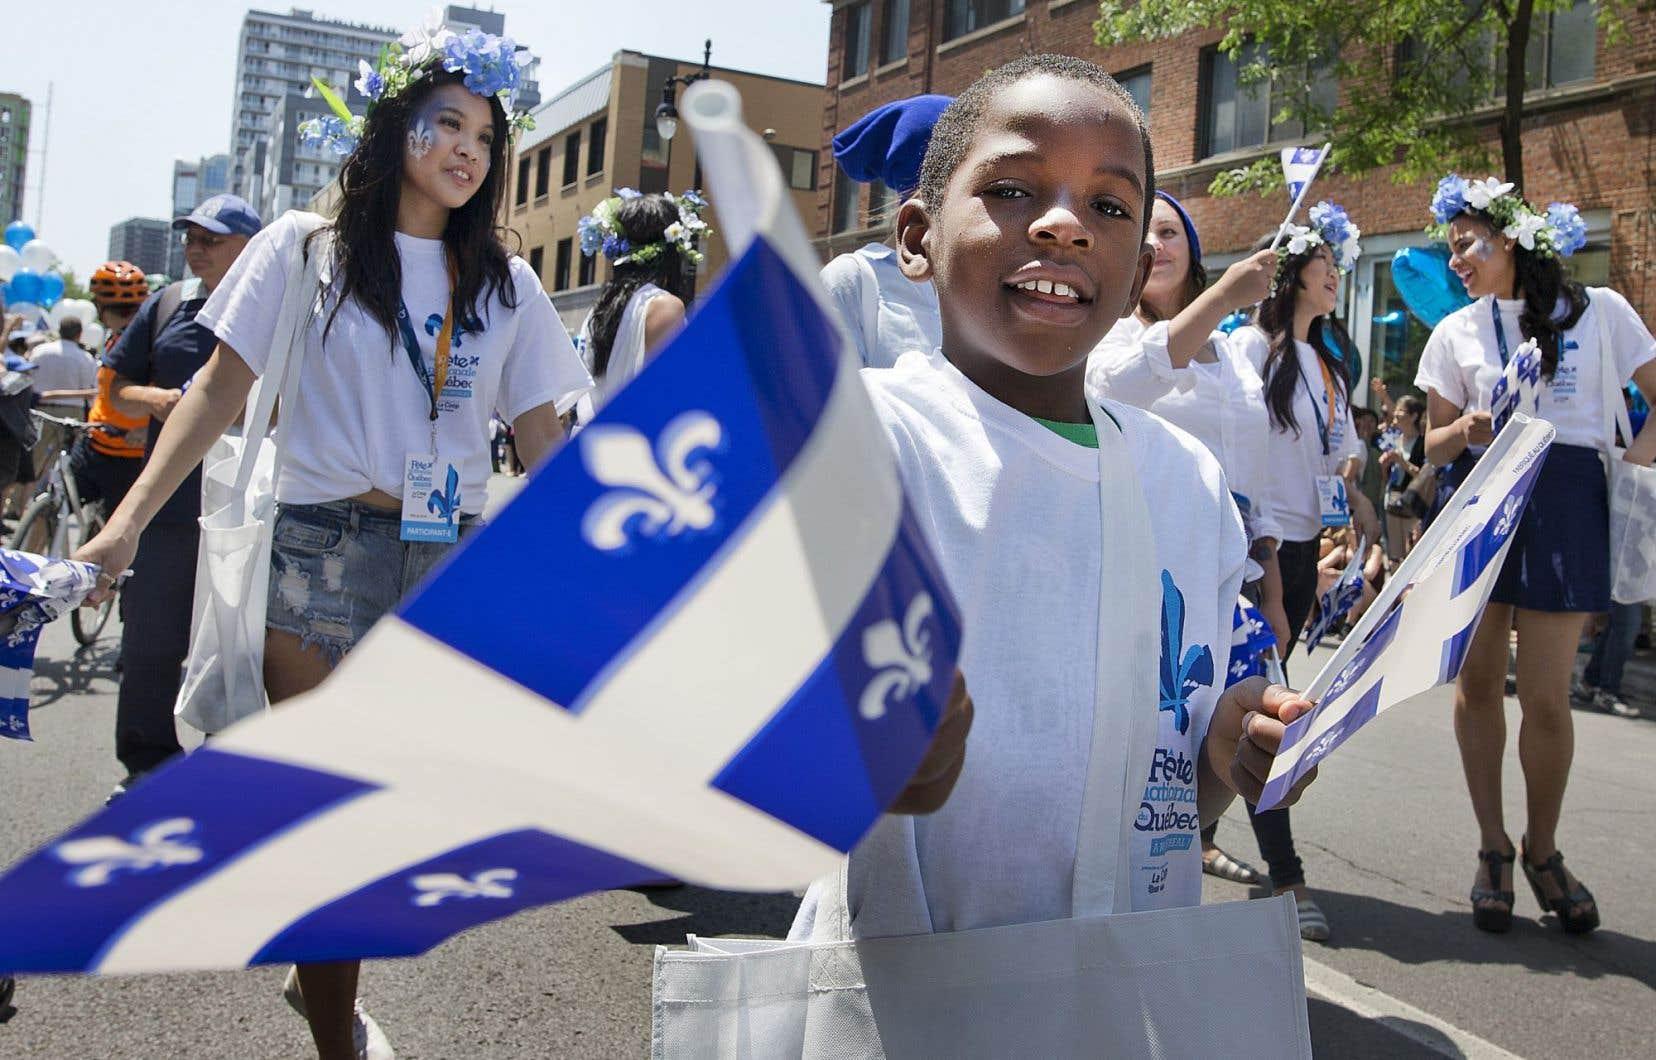 Aucune communauté culturelle n'a fait part de son insatisfaction quant au drapeau, et, le jour de la fête nationale, le fleurdelisé est dans toutes les mains, souligne l'auteur.